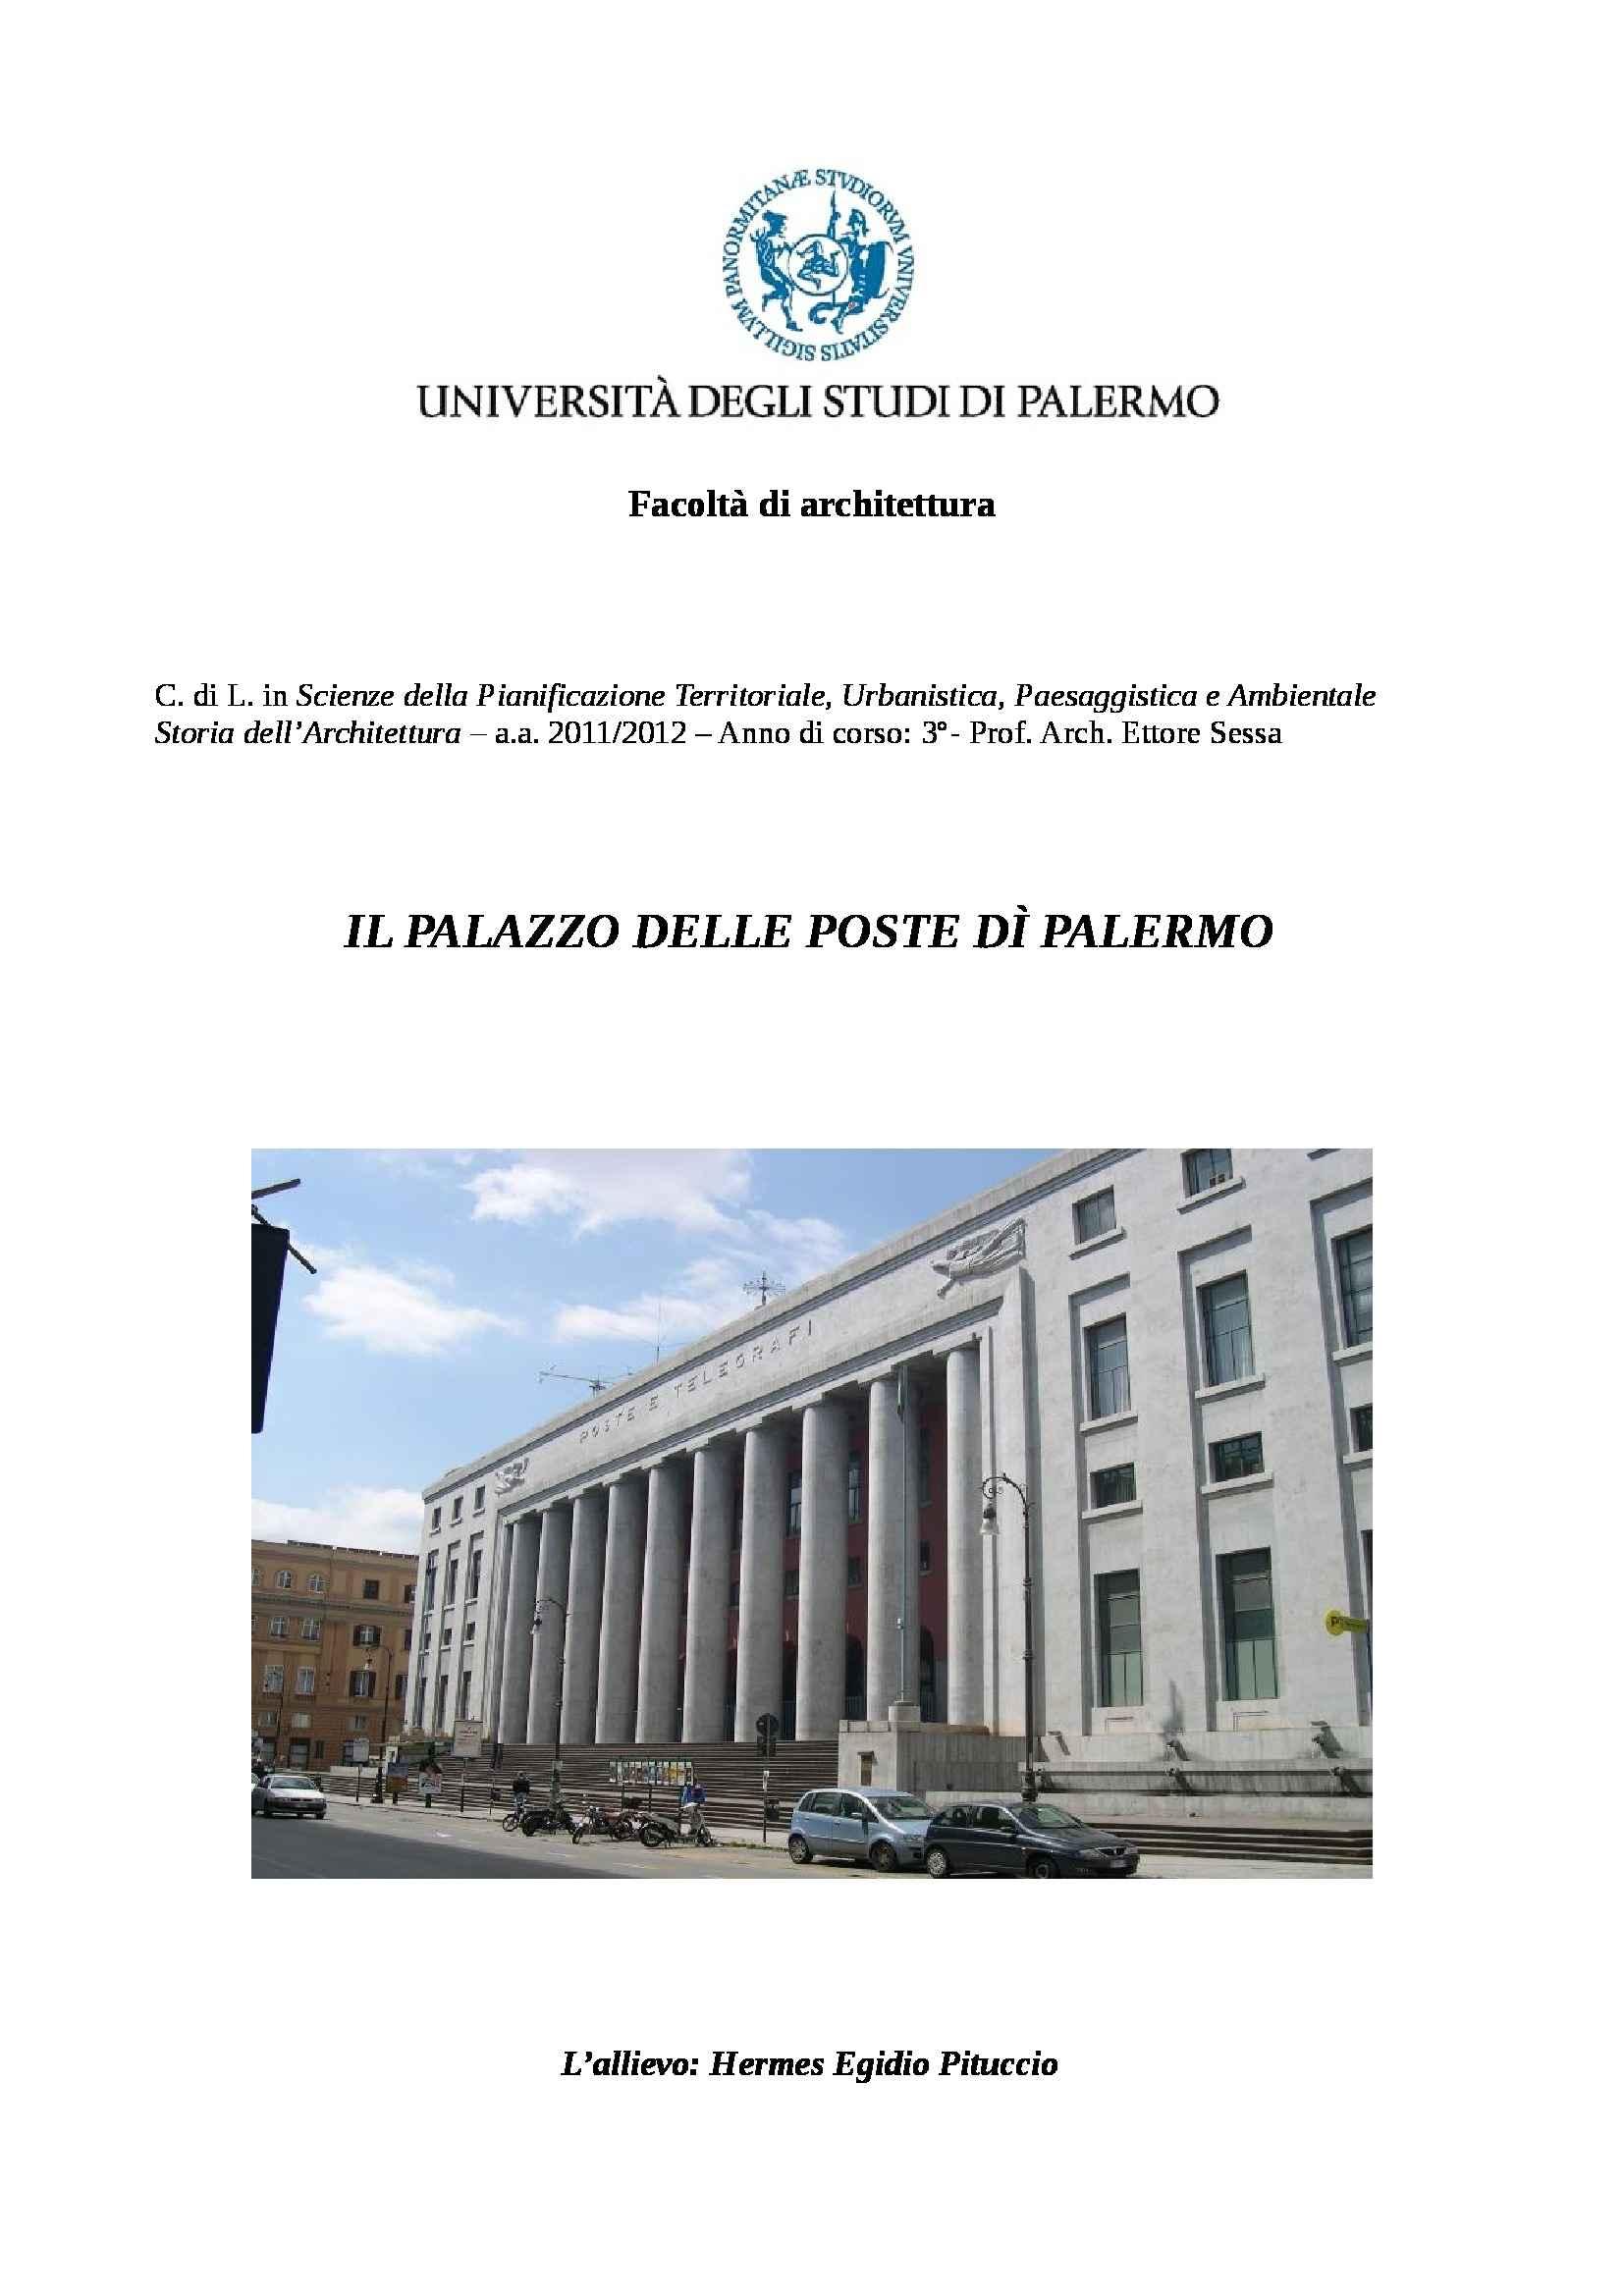 Storia dell'architettura - saggio storico critico sul Palazzo delle Poste